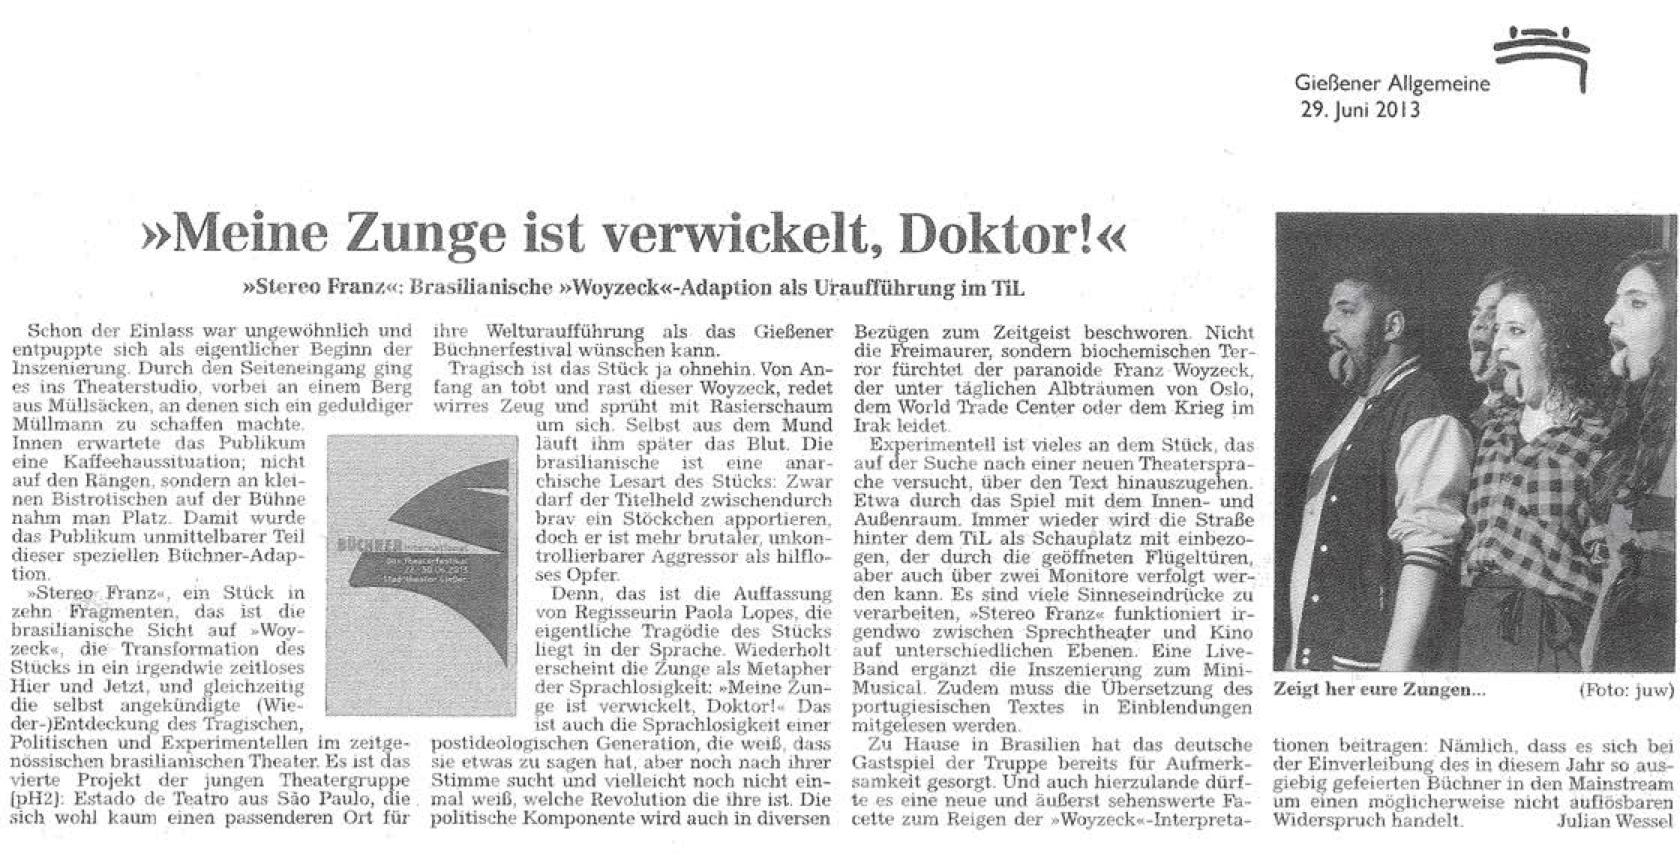 Crítica de jornal alemão, 2013